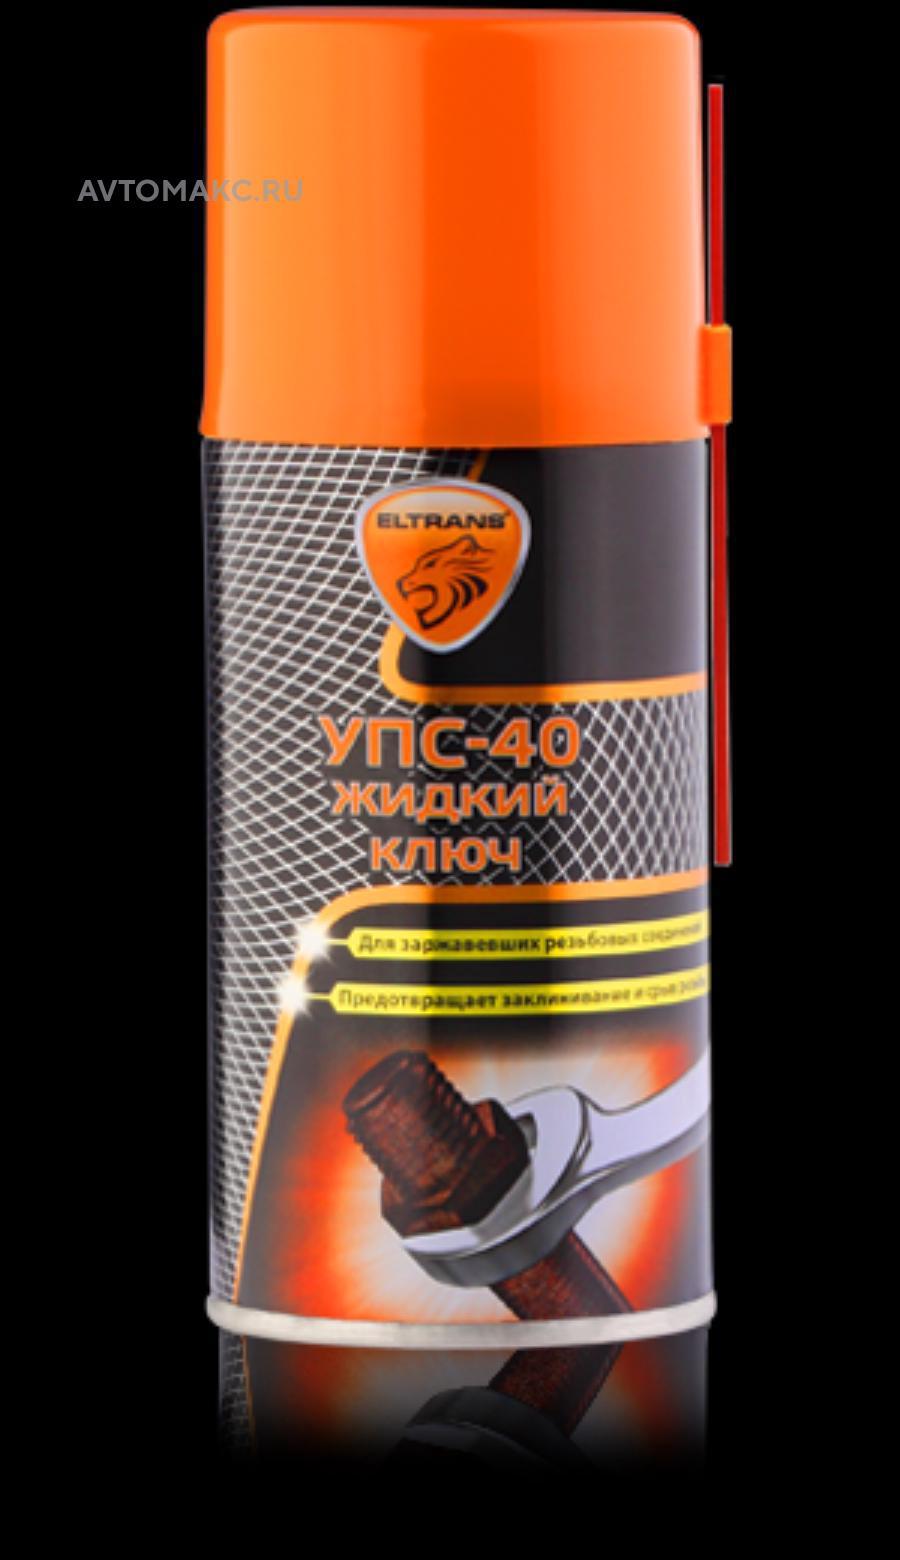 Жидкий ключ УПС-40, 0.21 л, ELTRANS, EL050301